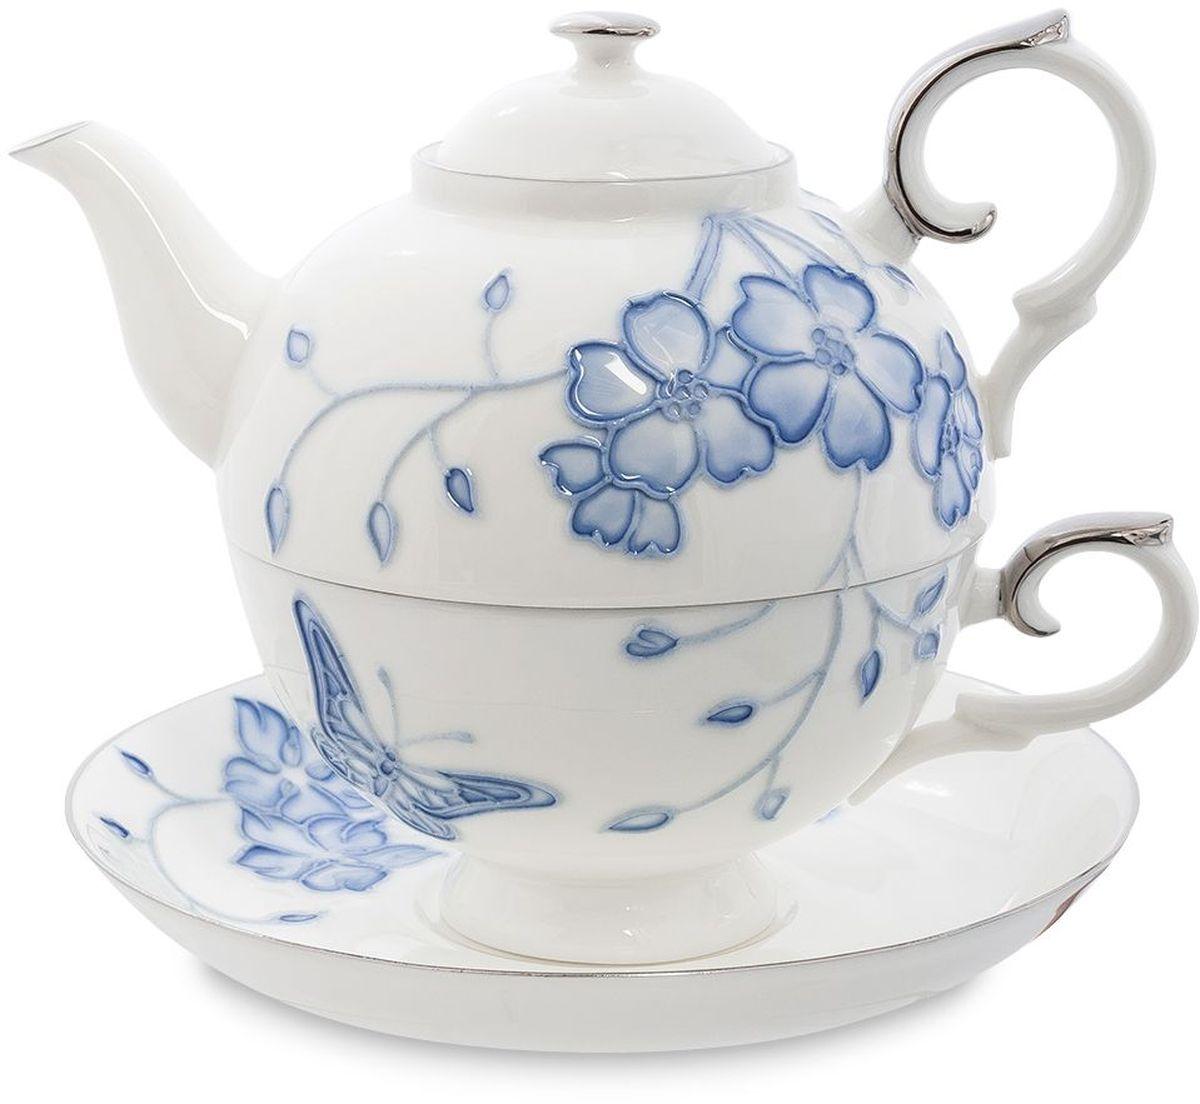 Набор чайный Pavone Голубая бабочка, 3 предмета. 451604VT-1520(SR)Объем чайника: 400 млОбъем чаши: 250 млДиаметр блюдца: 15 см